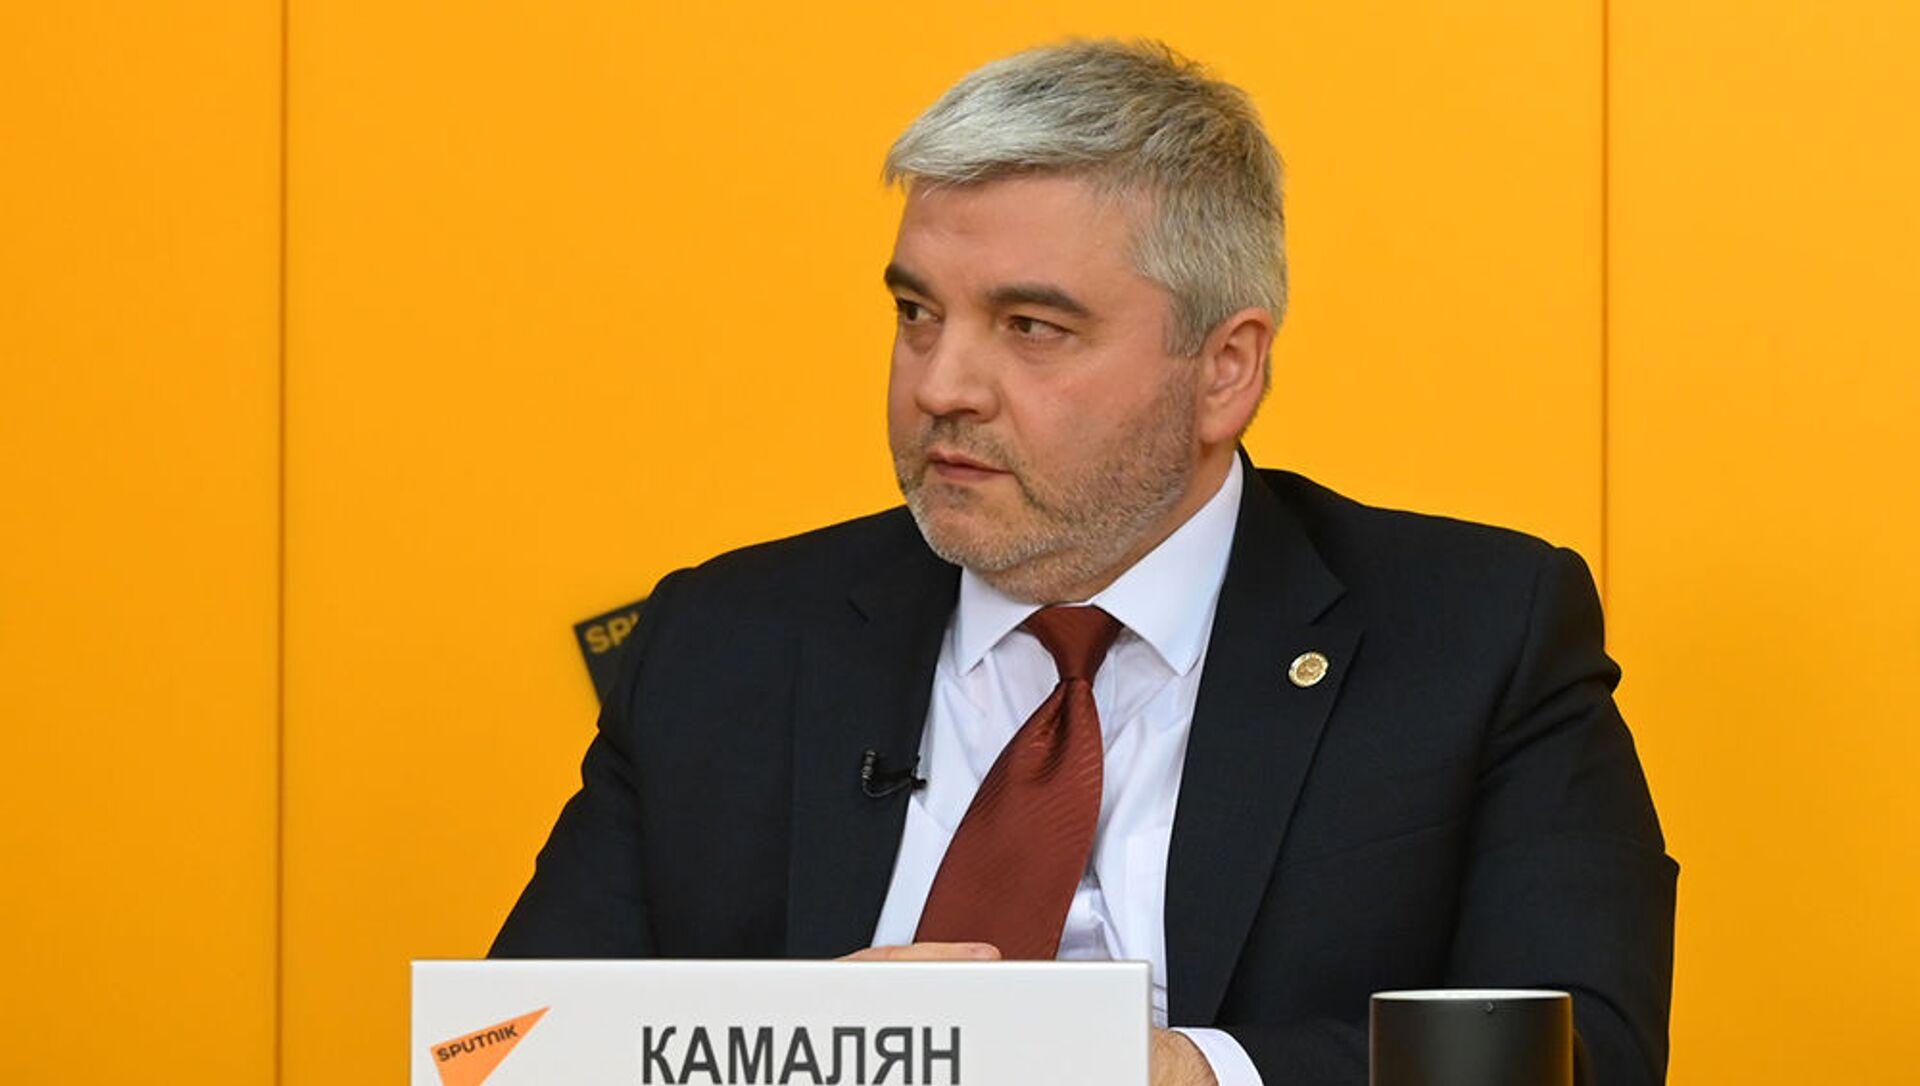 Министр по промышленности и агропромышленному комплексу ЕЭК Артак Камалян - Sputnik Армения, 1920, 08.09.2021